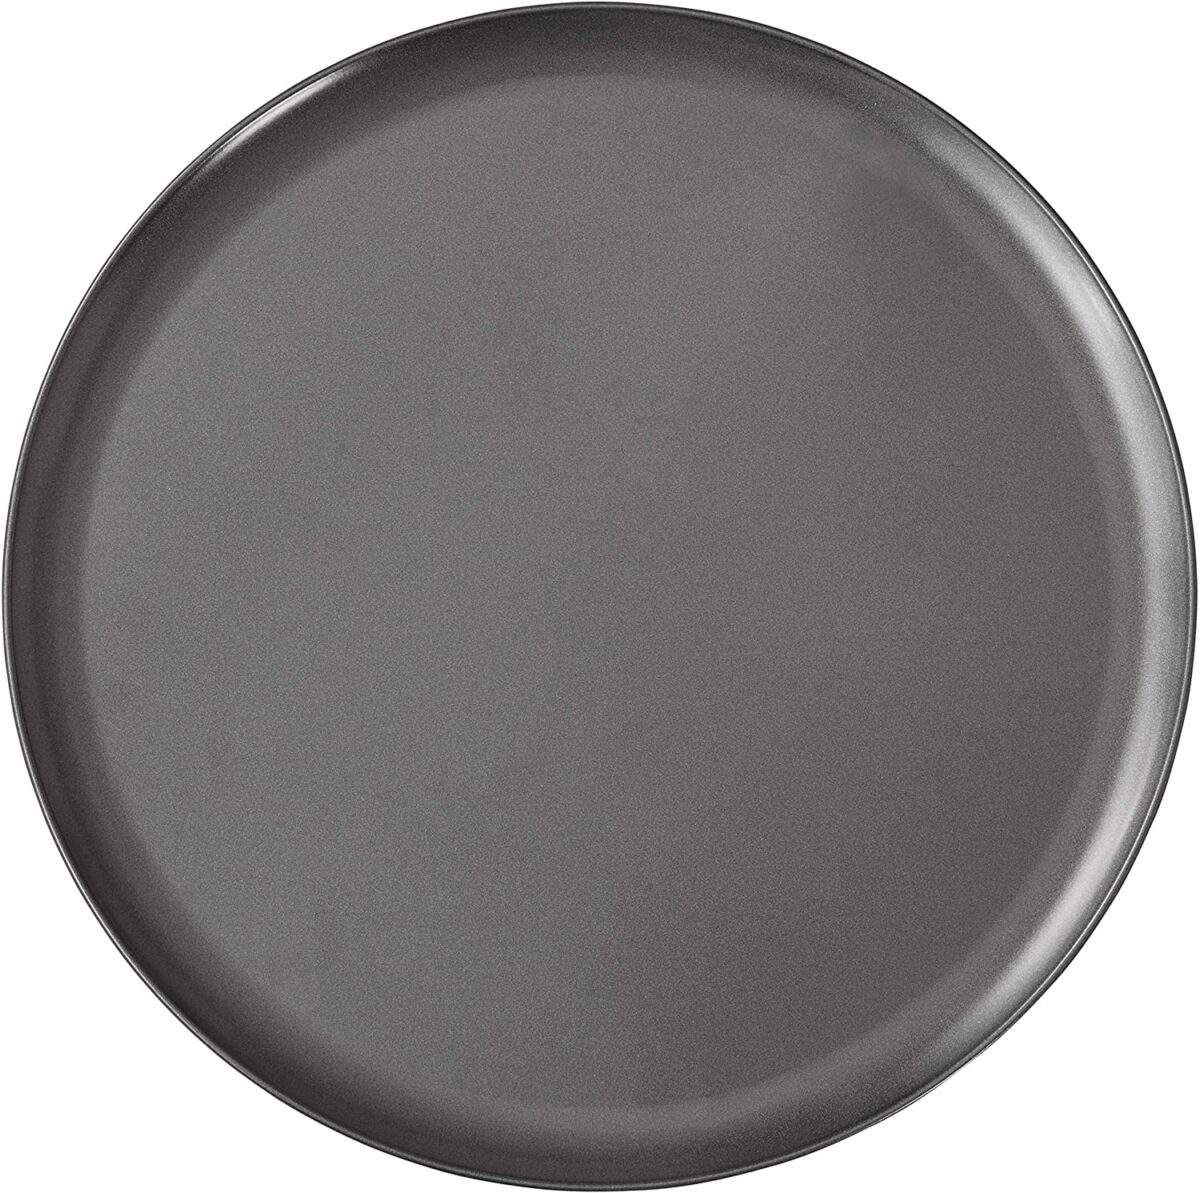 Wilton Pizza Pan